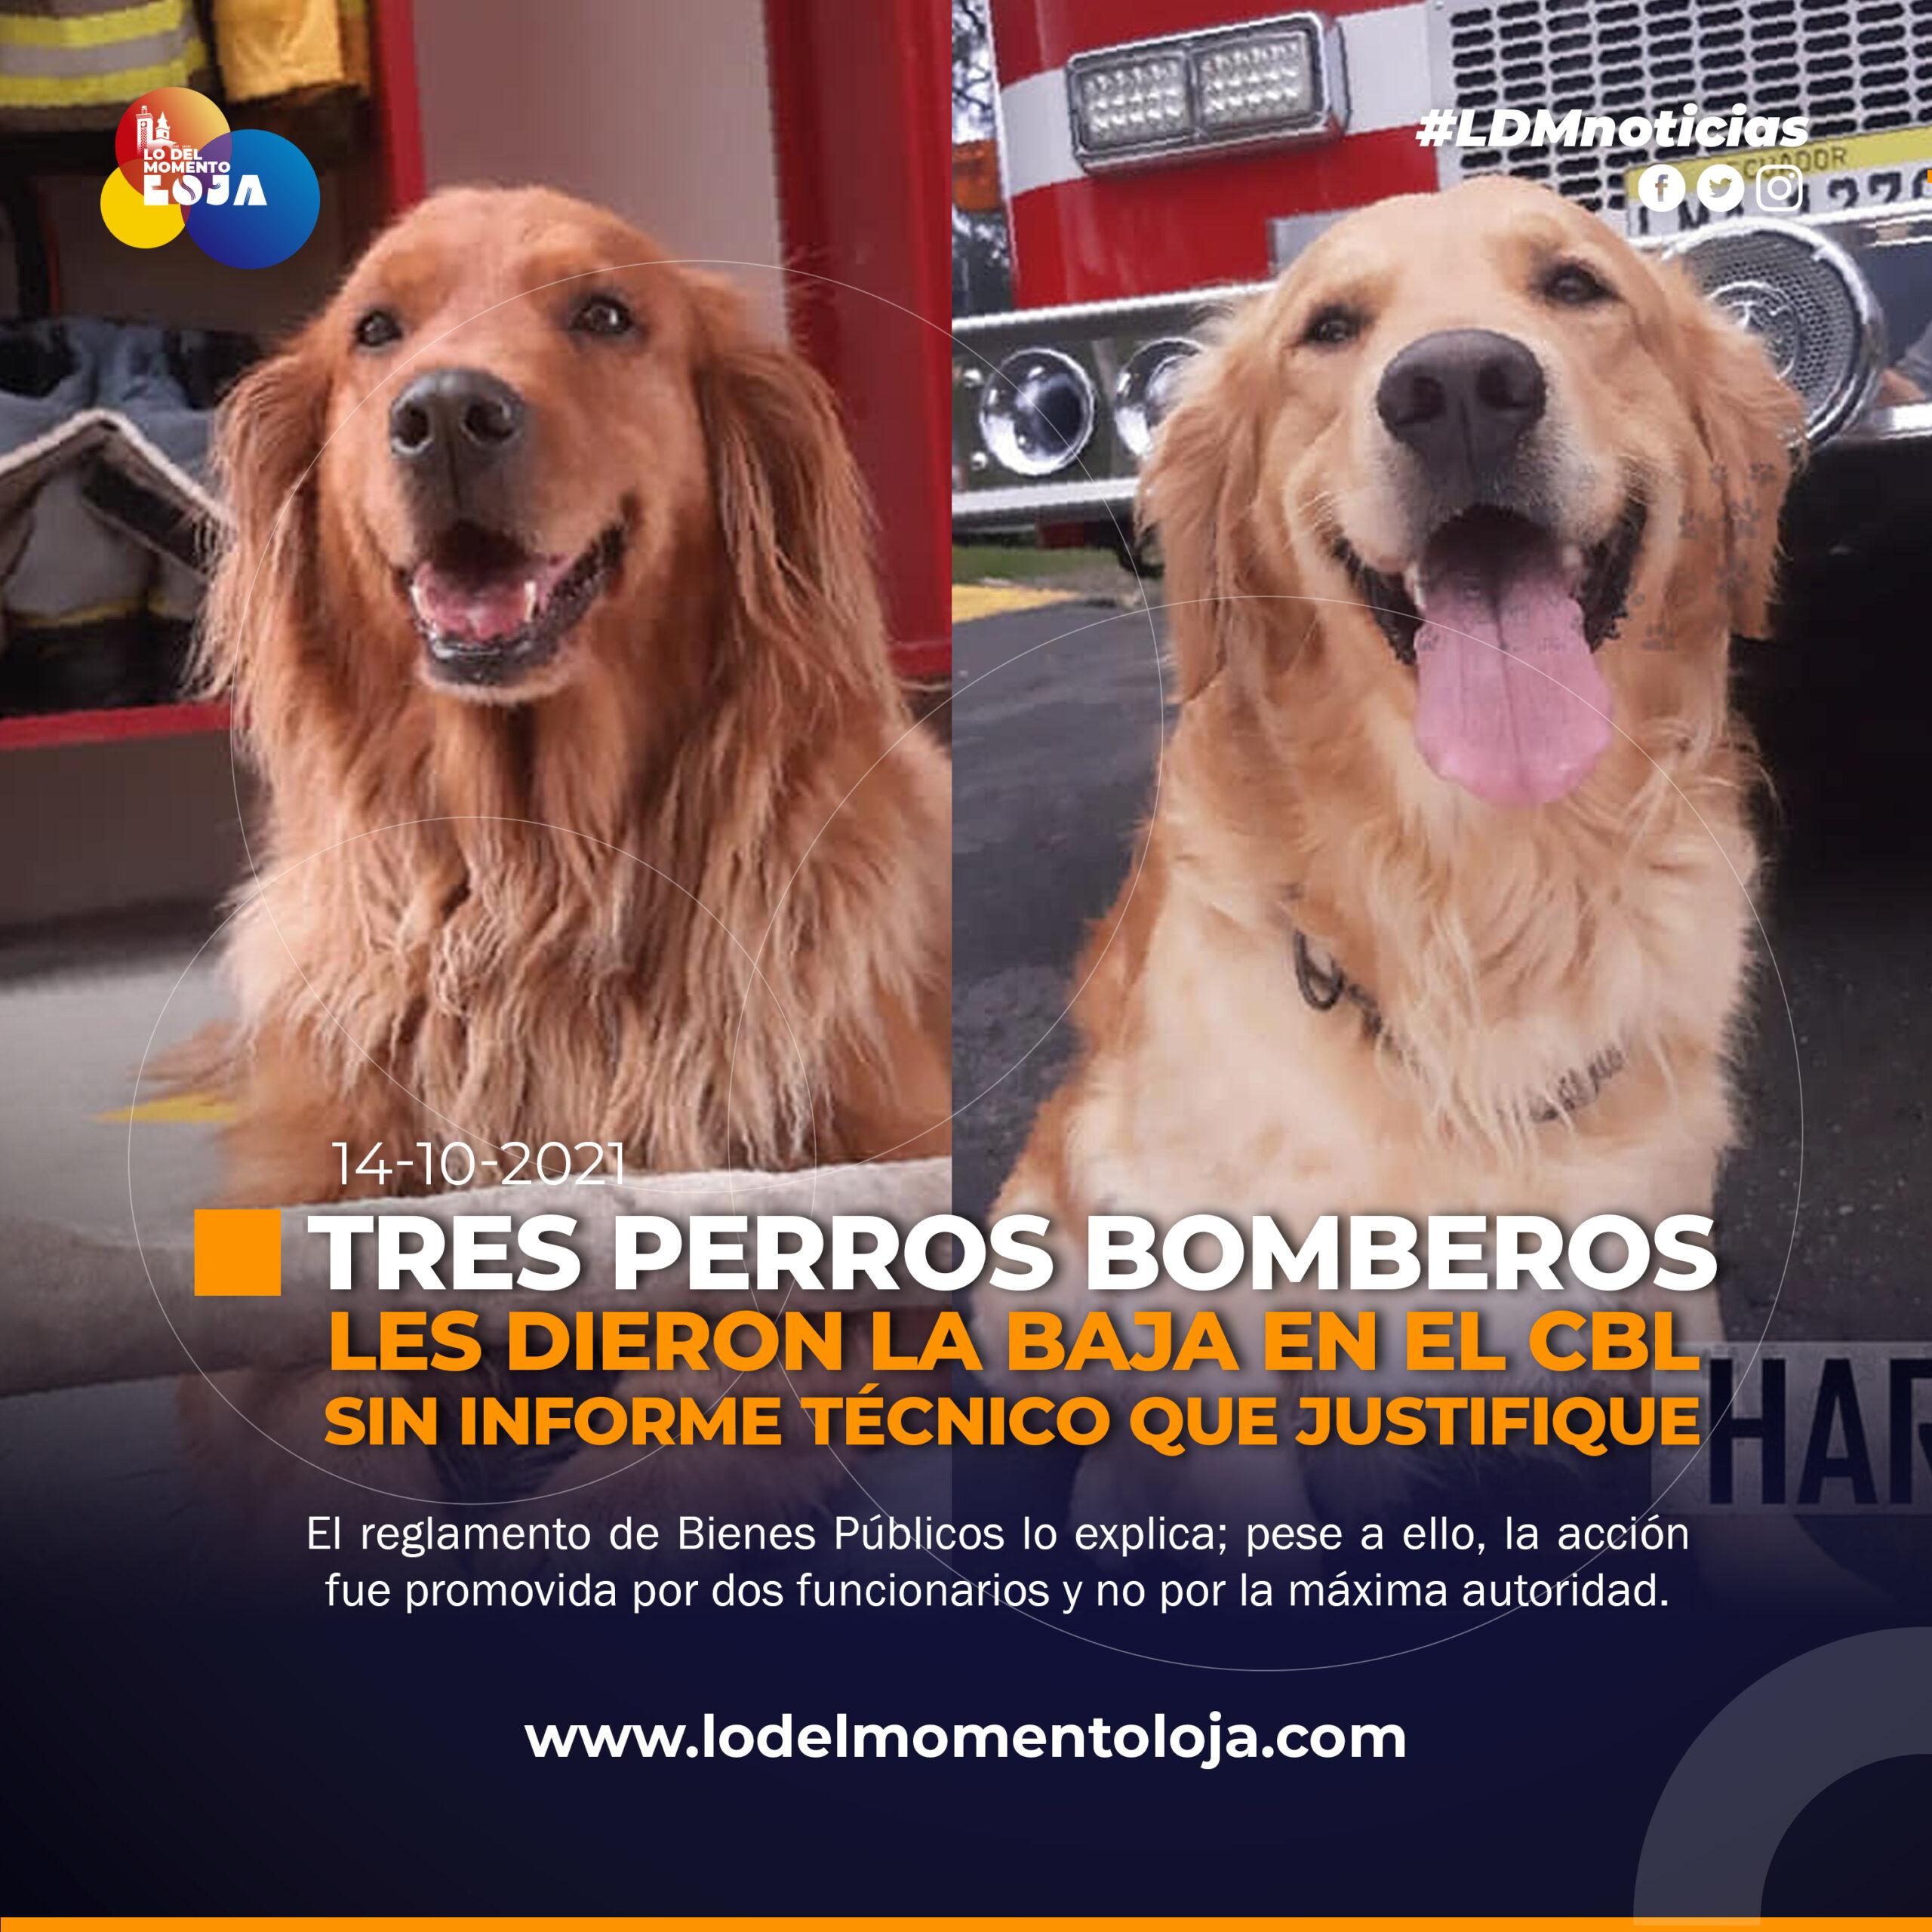 Perros bomberos fueron puestos en adopción